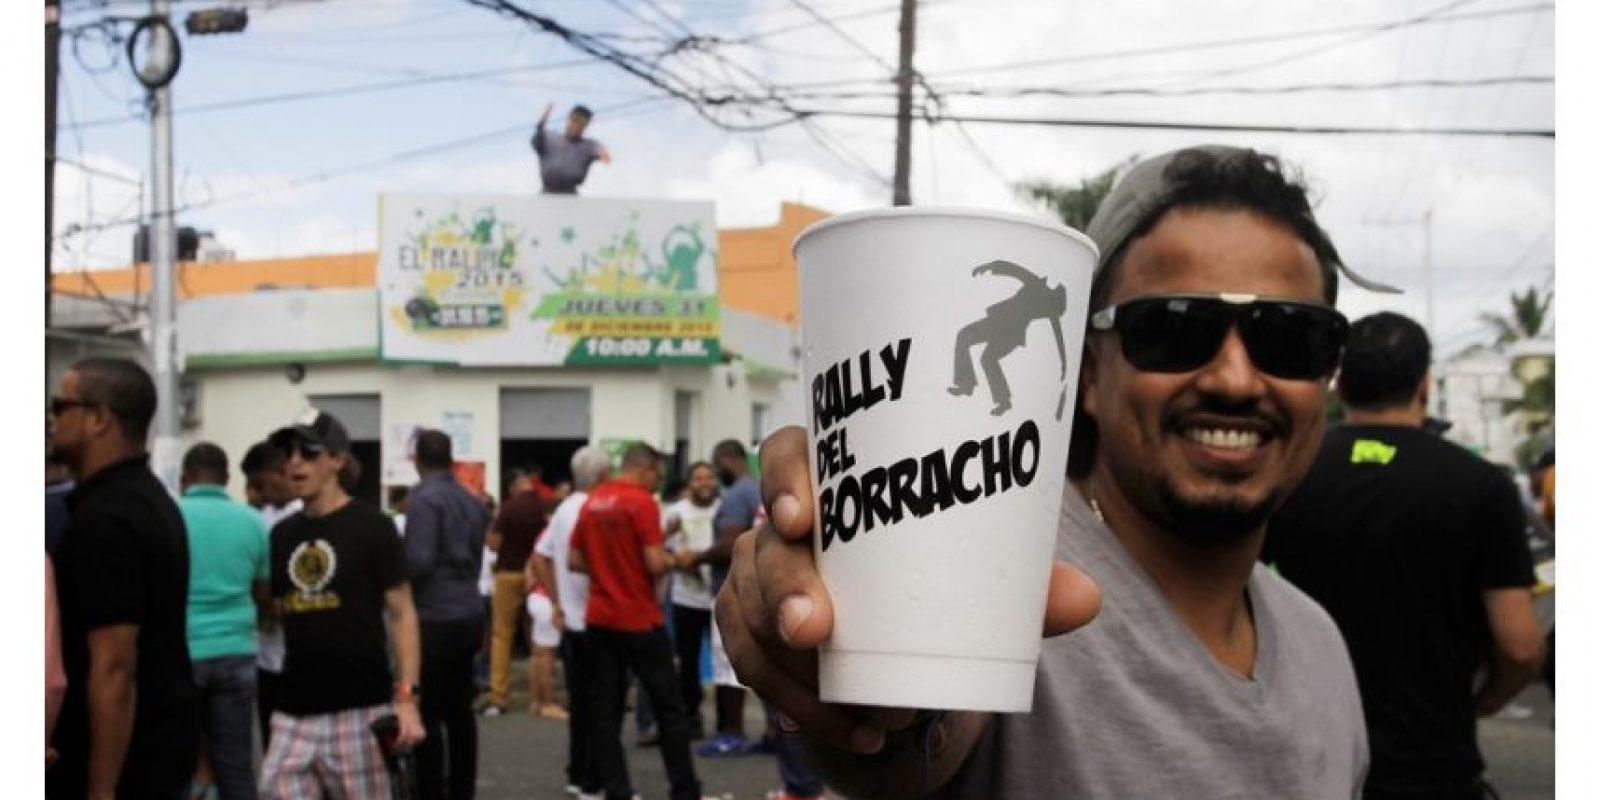 La música, la alegría y el alcohol se dejaron sentir desde el inicio del Rally. Foto:Fotos: Roberto Guzmán